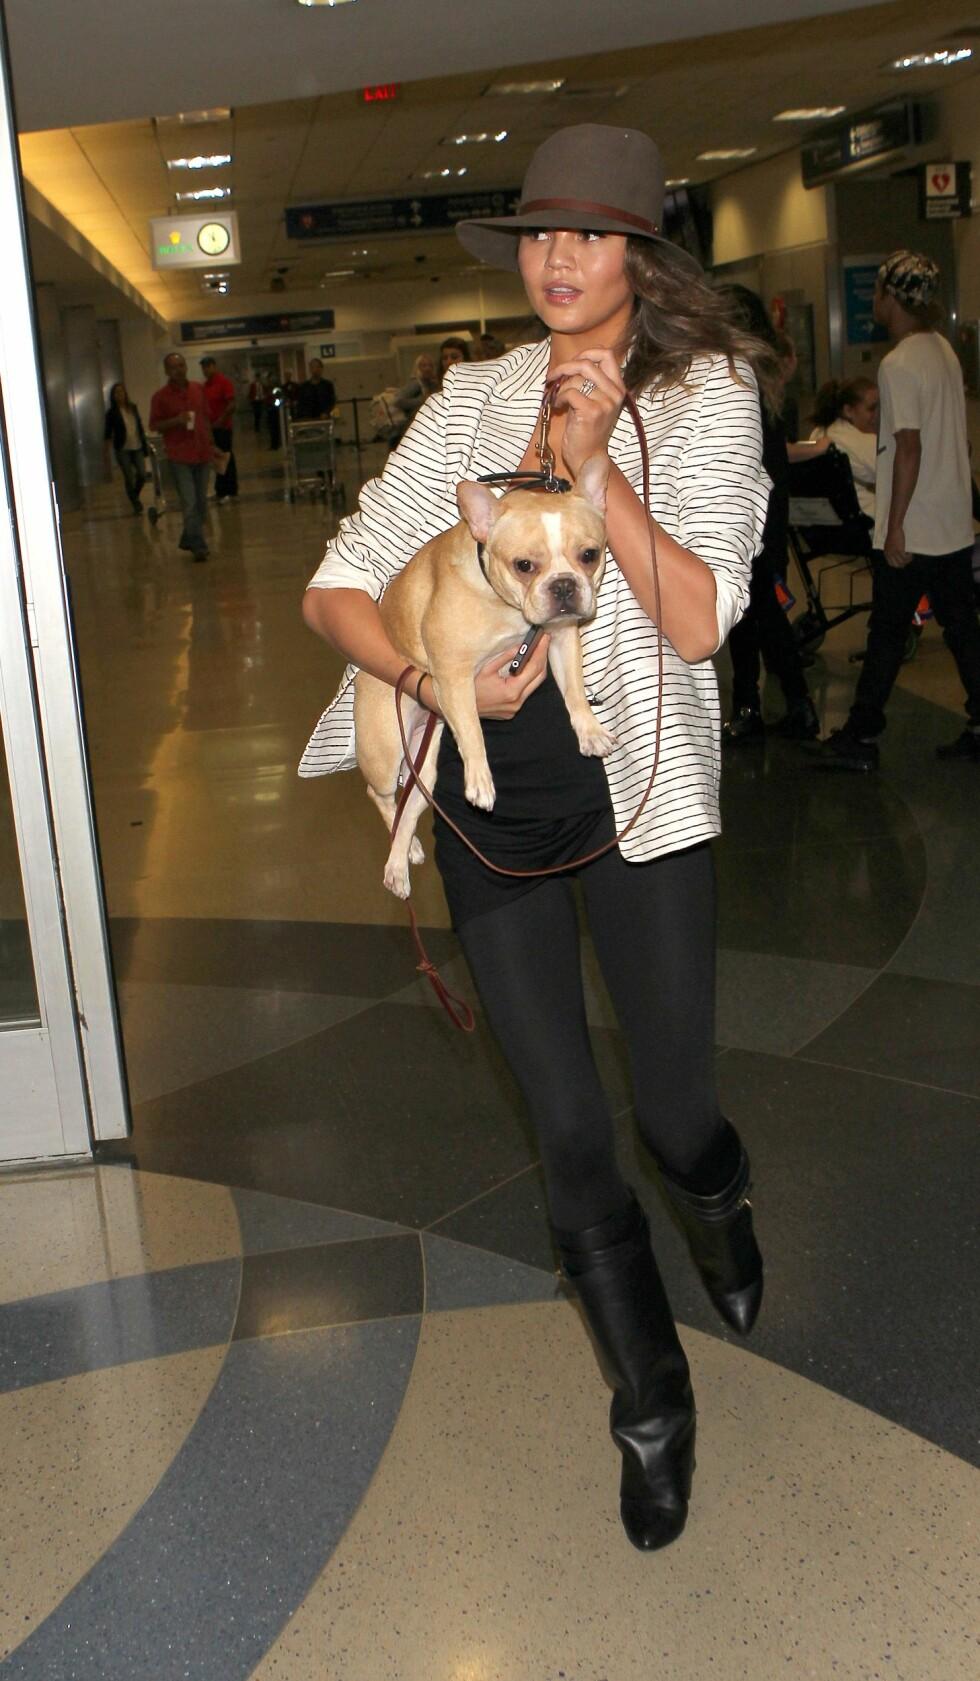 HUNDEELSKER: Christine Teigen adopterte hunden med ektemannen John Legend.  Foto: Splash/ All Over Press